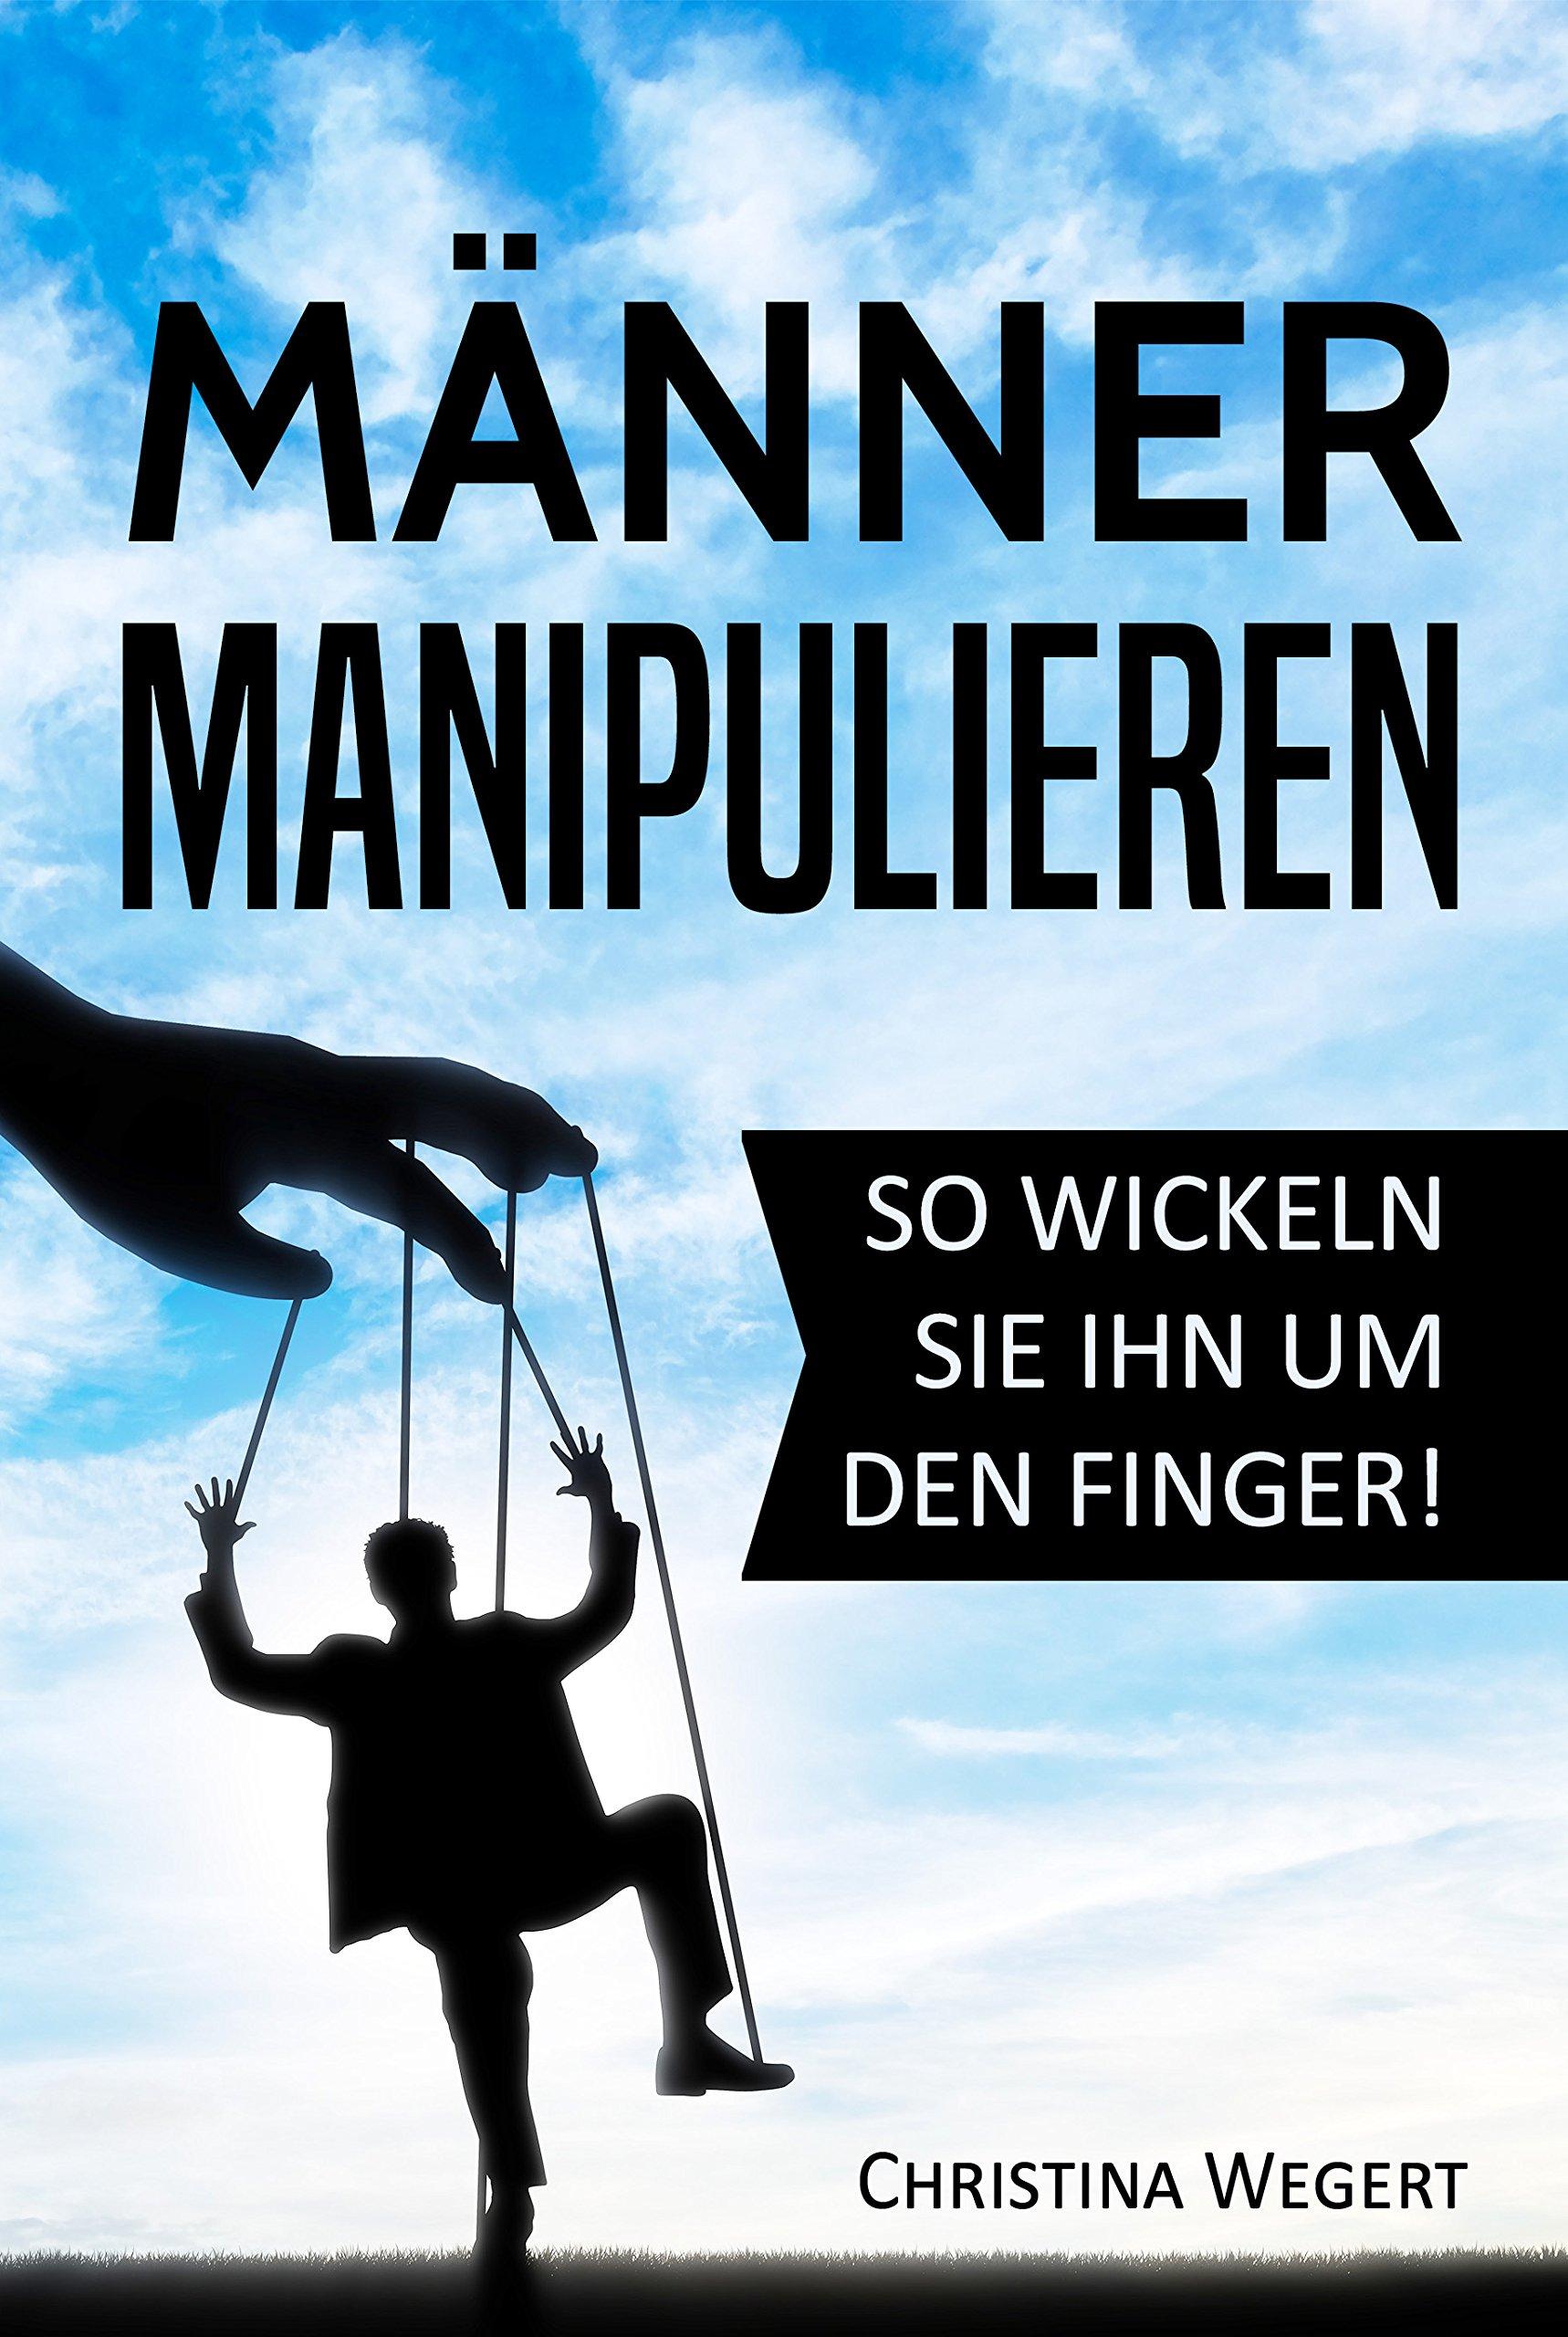 Männer manipulieren: So wickeln Sie ihn um den Finger! ('Frauen wissen welche Knöpfe sie drücken müssen')